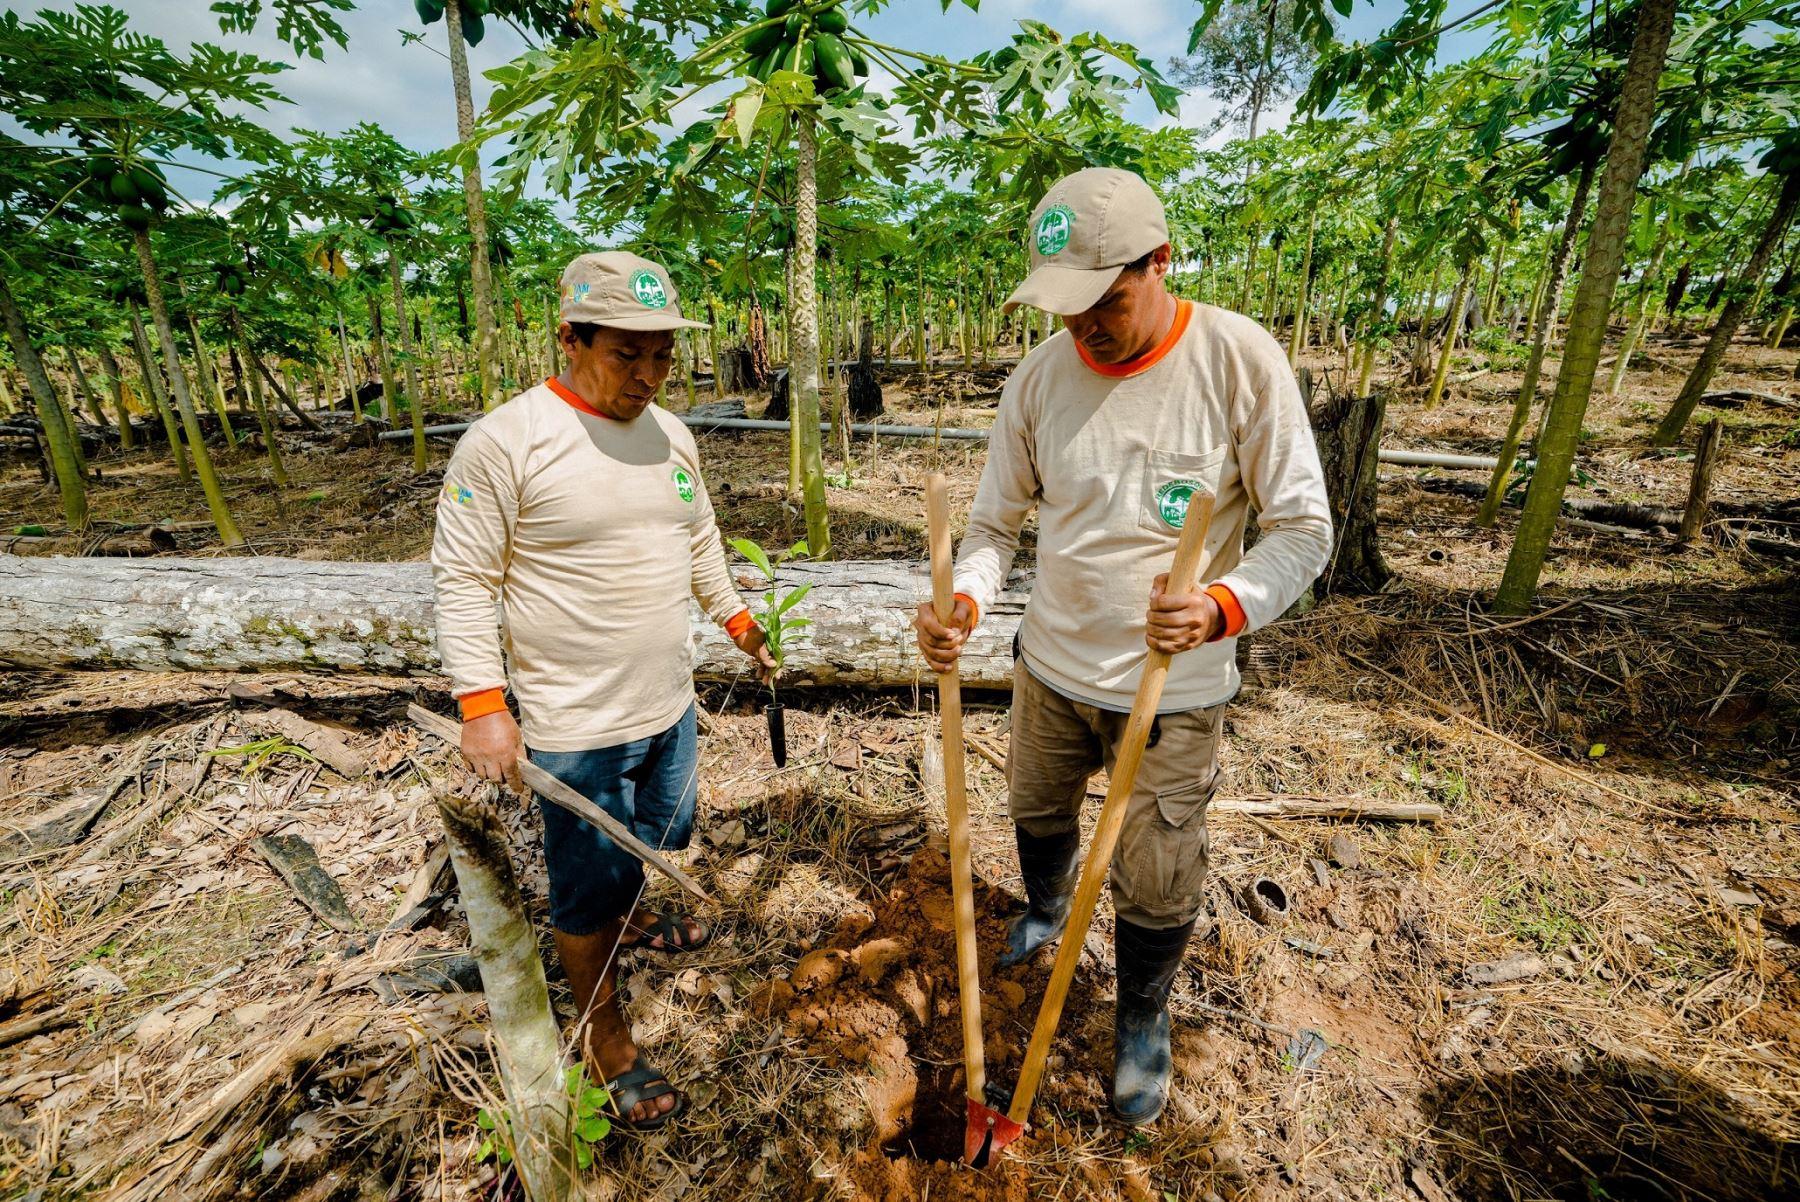 En el Día Mundial del Medio Ambiente conozca los esfuerzos del Minam+CAF para recuperar más de 7,600 hectáreas degradadas en Cusco, Madre de Dios y Puno. ANDINA/Difusión